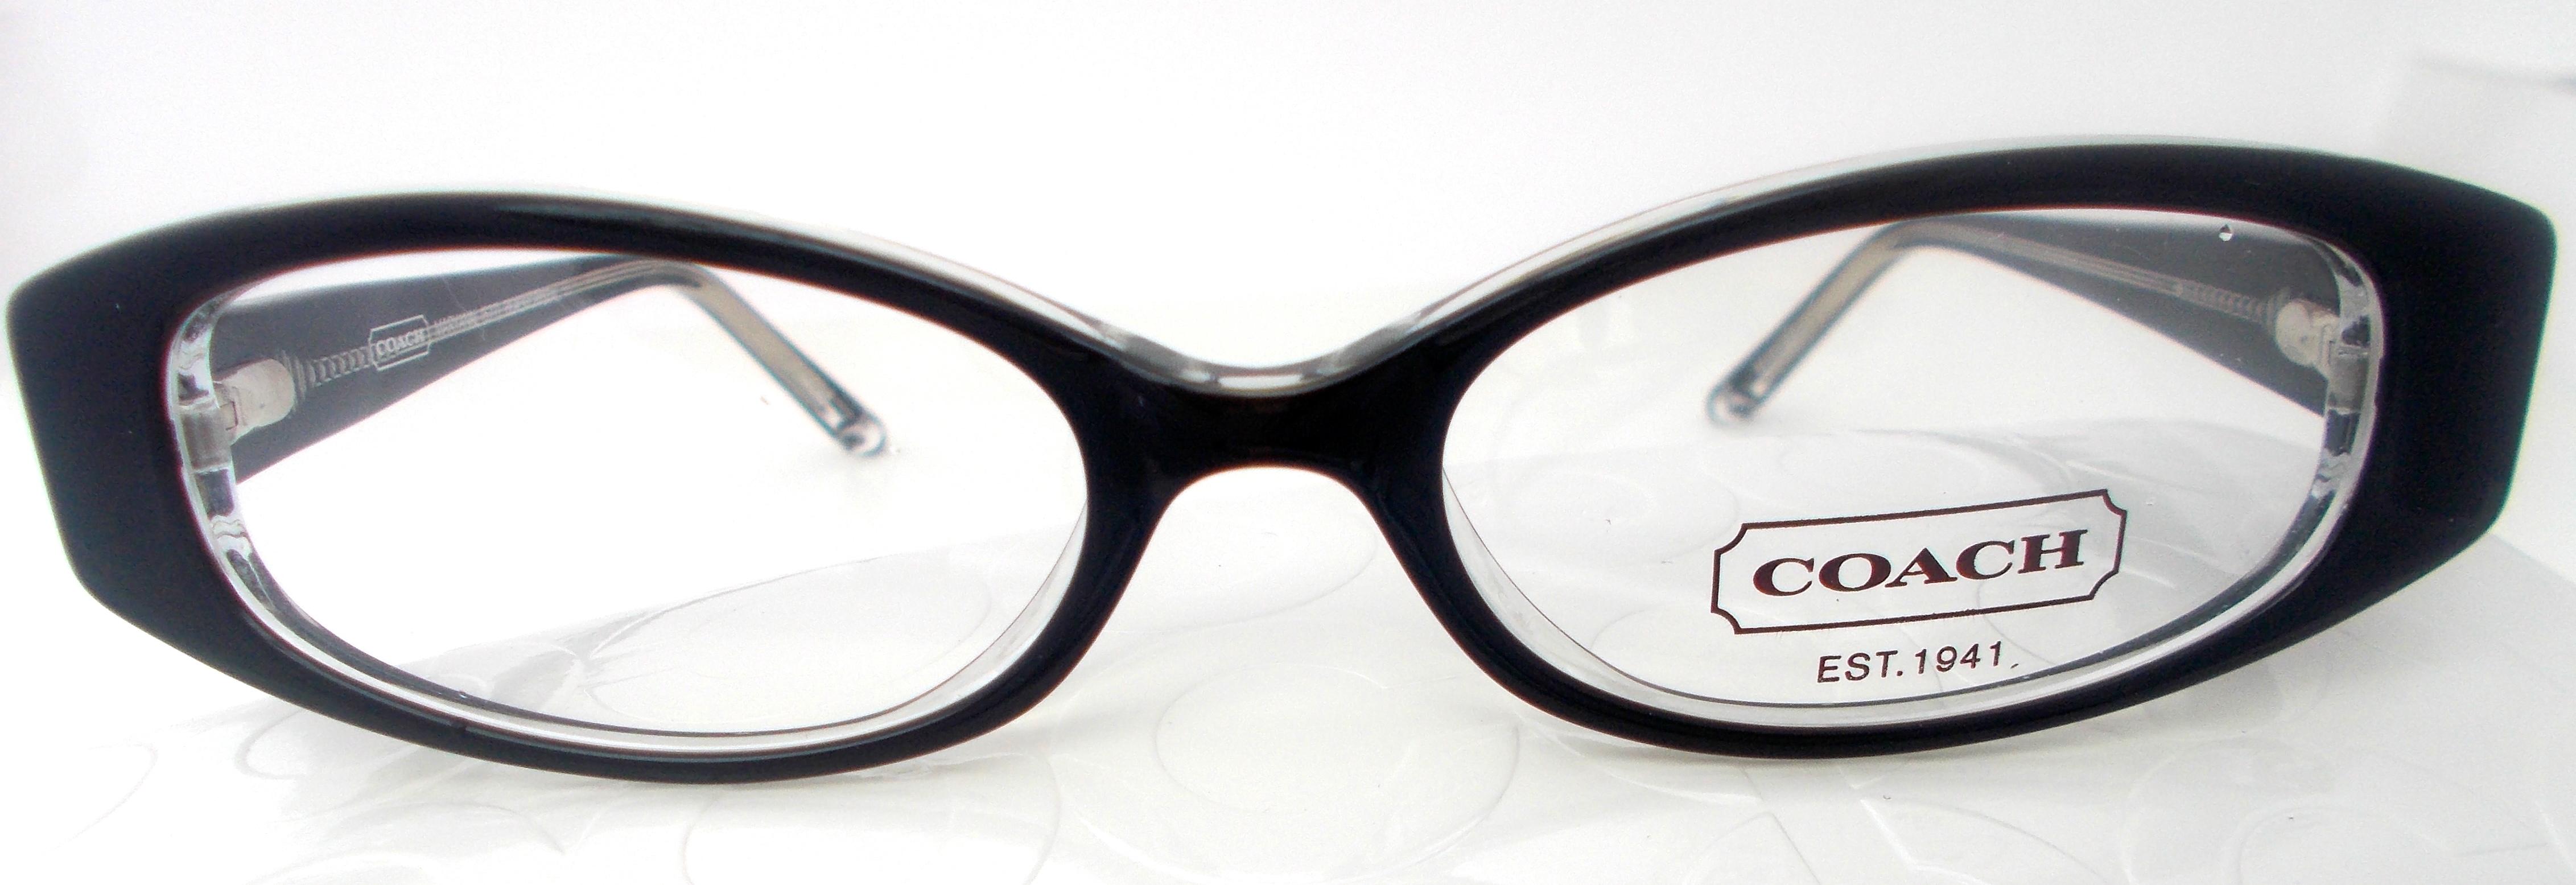 Coach Ladies Eyeglass Frames : H&S Optical Coach Womens Eyewear Maryann (577) Black ...